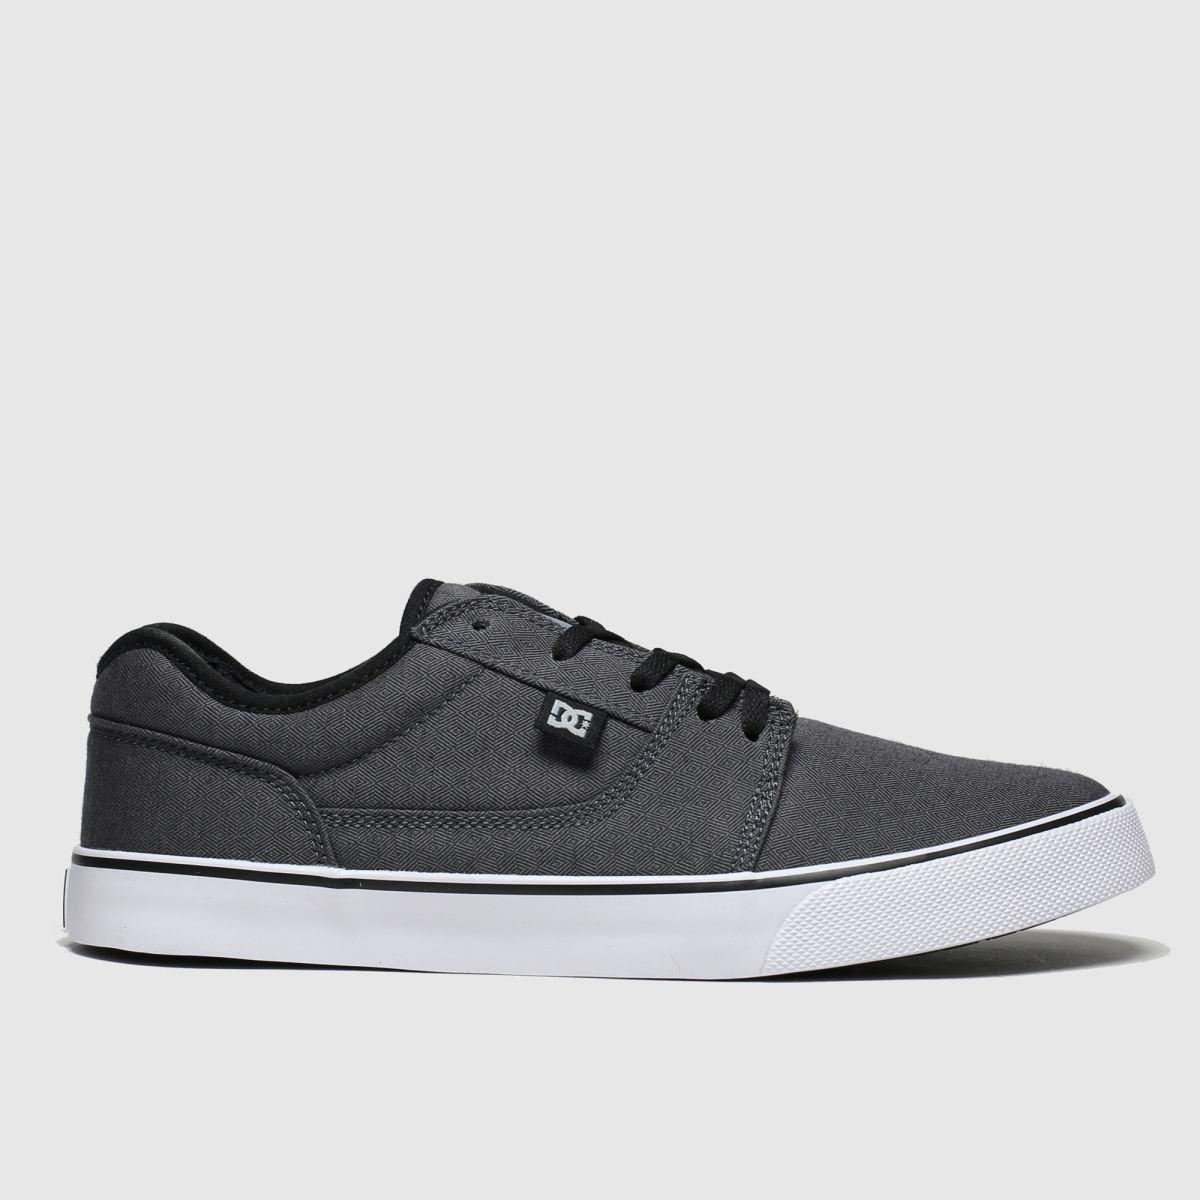 dc shoes Dc Shoes Black Tonik Tx Se Trainers